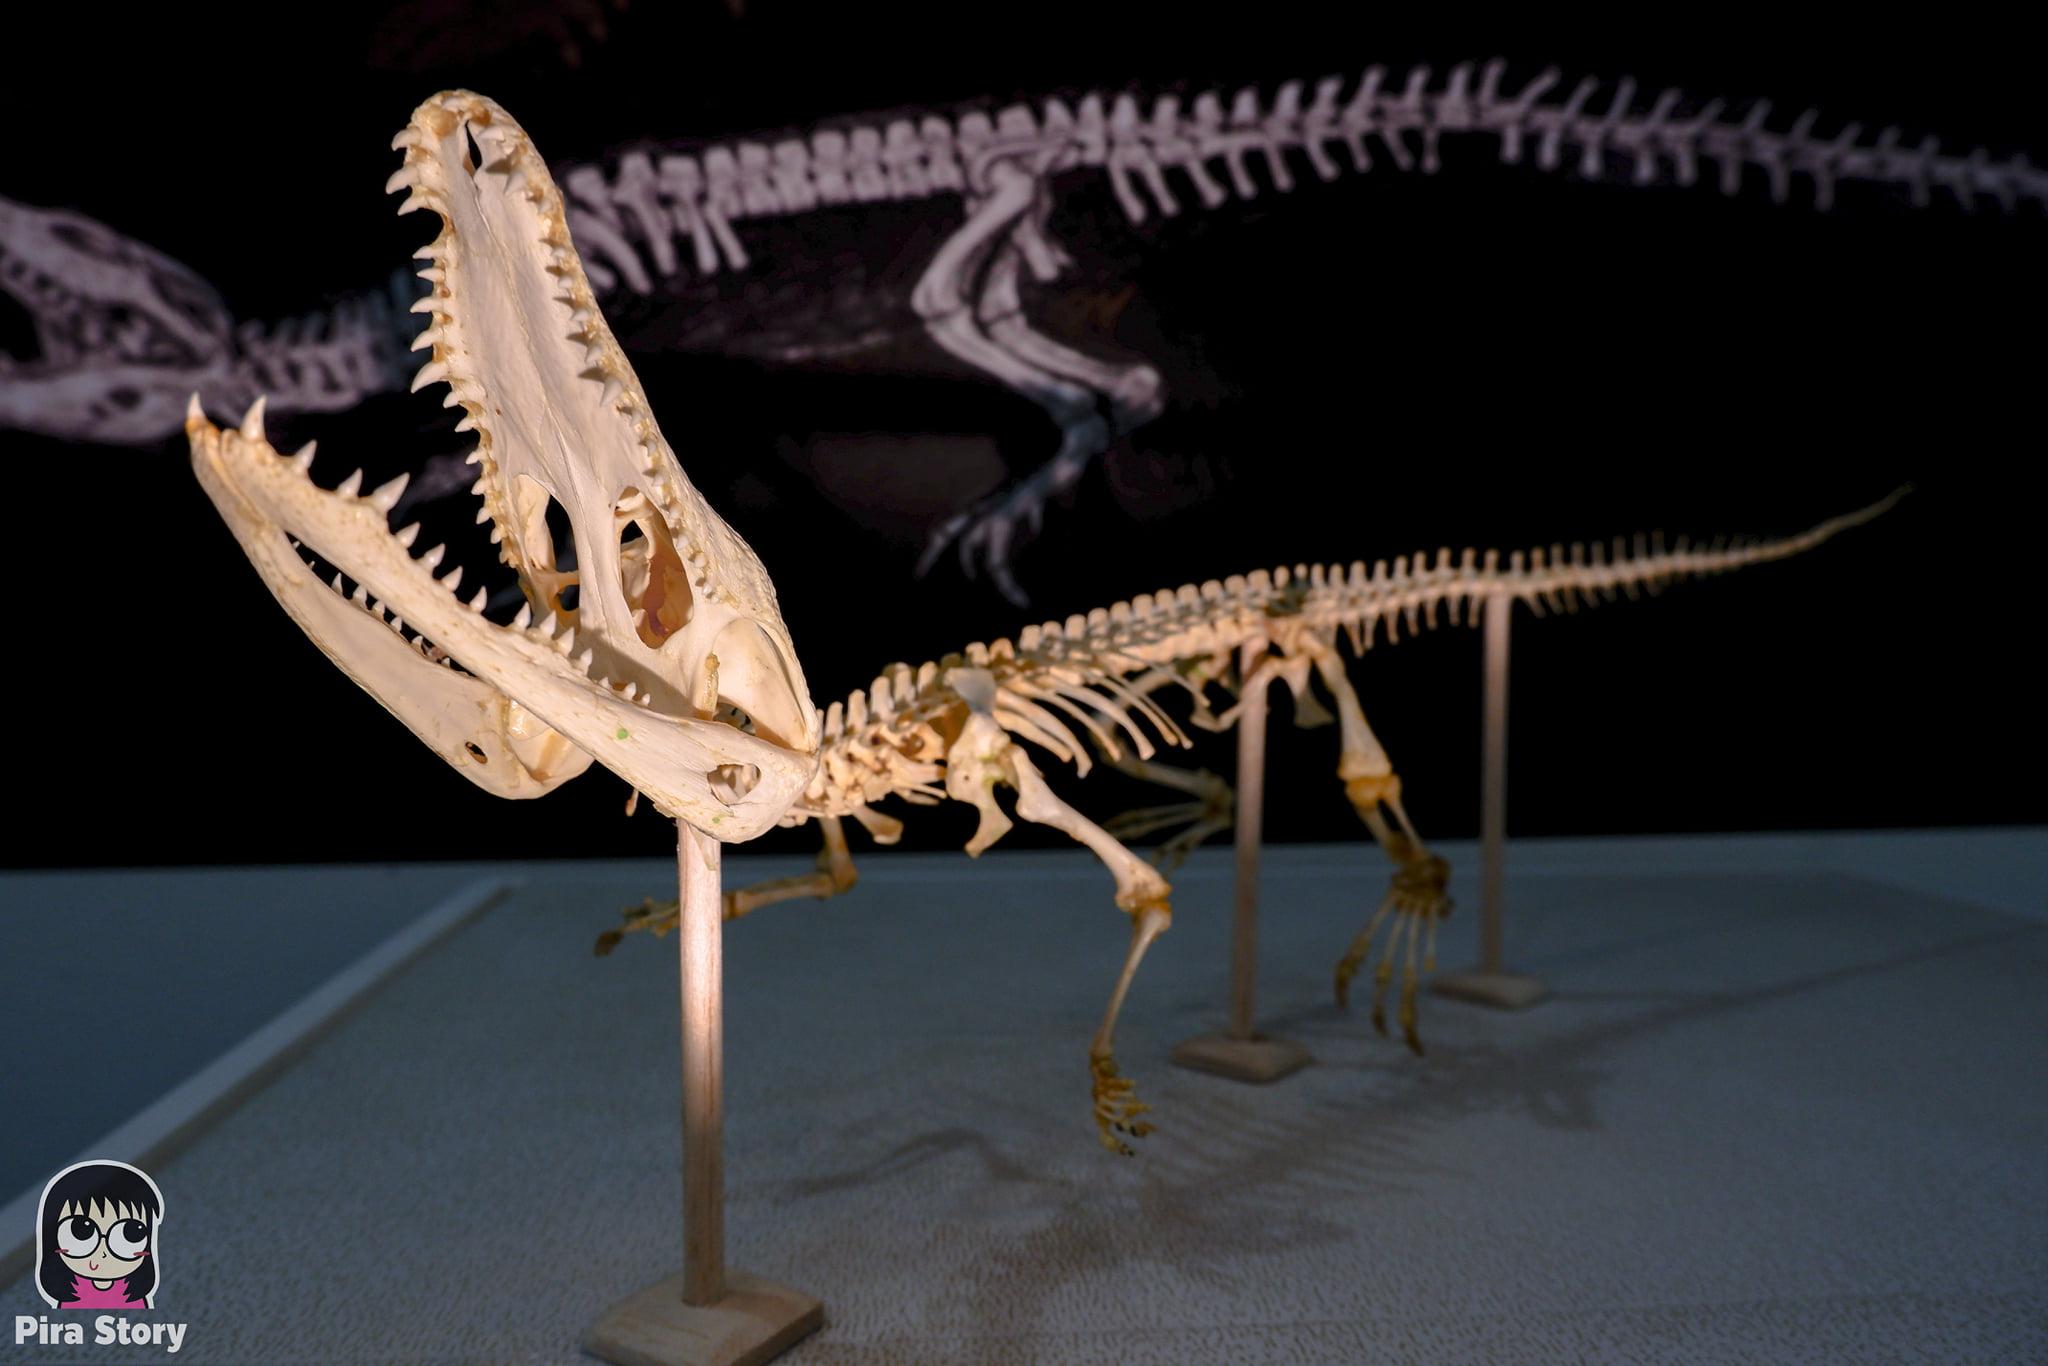 ความลับของโครงกระดูก Skeleton's Secrets ศึกษากายวิภาคสัตว์ ที่พิพิธภัณฑ์ จุฬาลงกรณ์มหาวิทยาลัย คณะวิทยาศาสตร์ ชีววิทยา Night at the museum 2020 เที่ยวพิพิธภัณฑ์ เที่ยวกรุงเทพ สยาม กระดูกสัตว์ กายวิภาคศาสตร์ โครงสร้างร่างกาย โครงสร้างกระดูก สัตว์เลี้ยงลูกด้วยนม สัตว์มีกระดูกสันหลัง กระดูกจระเข้ ตะโขง จระเข้ อัลลิเกเตอร์